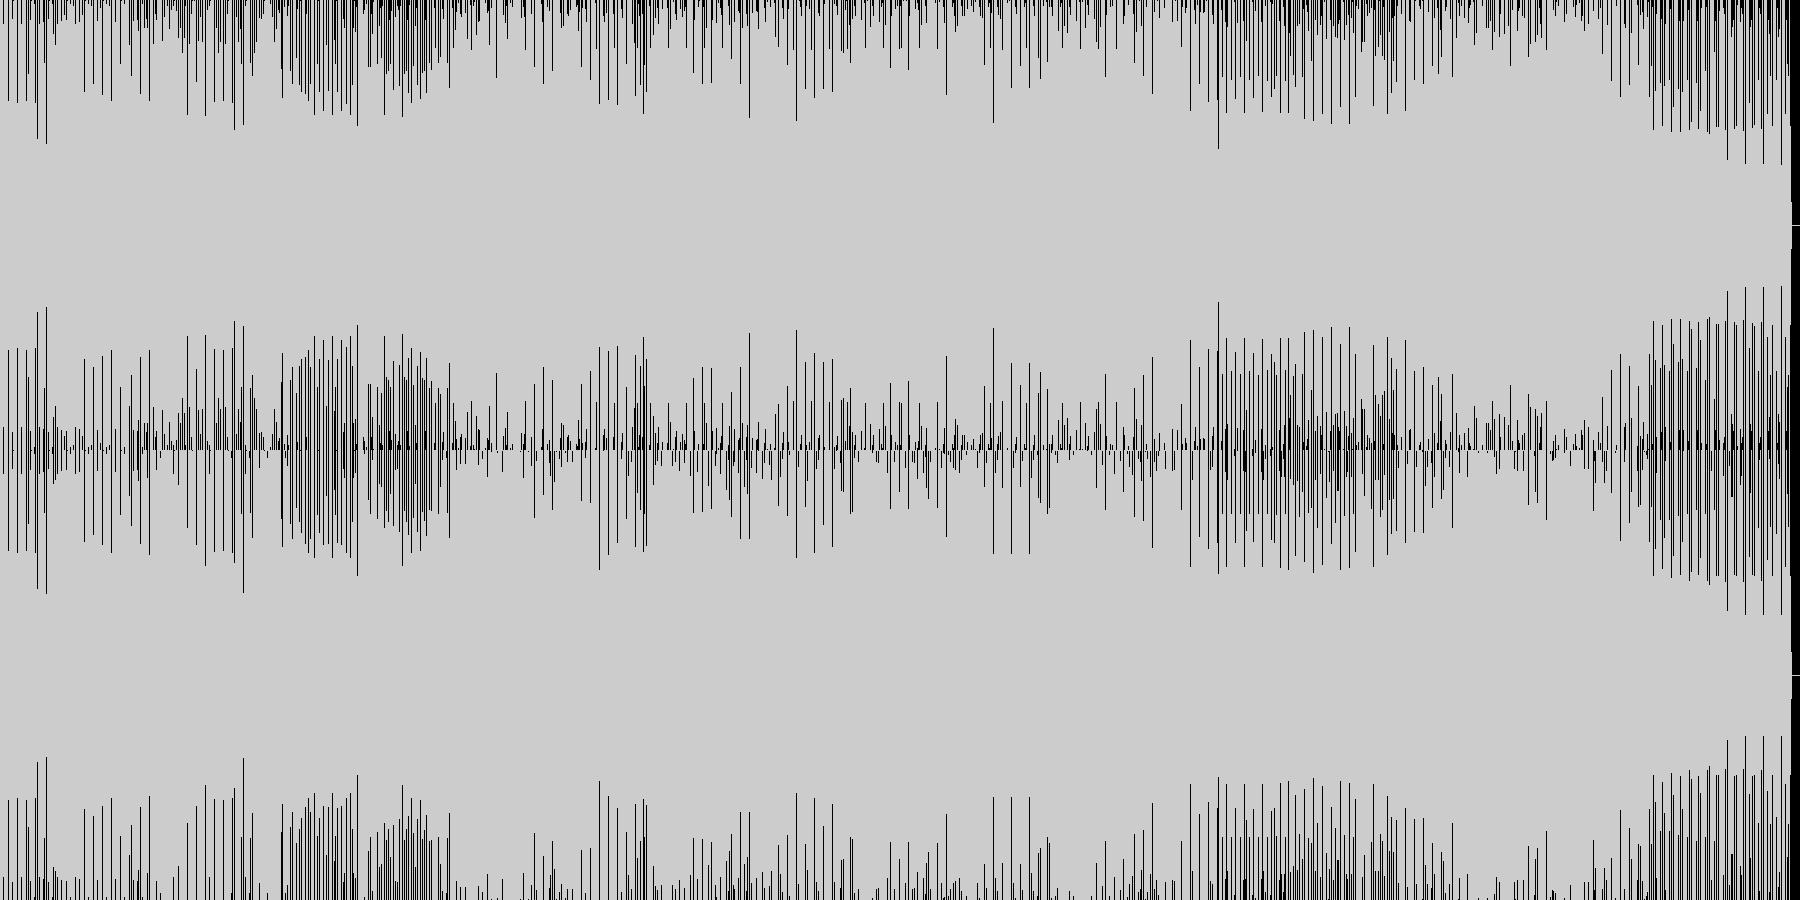 lowな音のハウスの未再生の波形